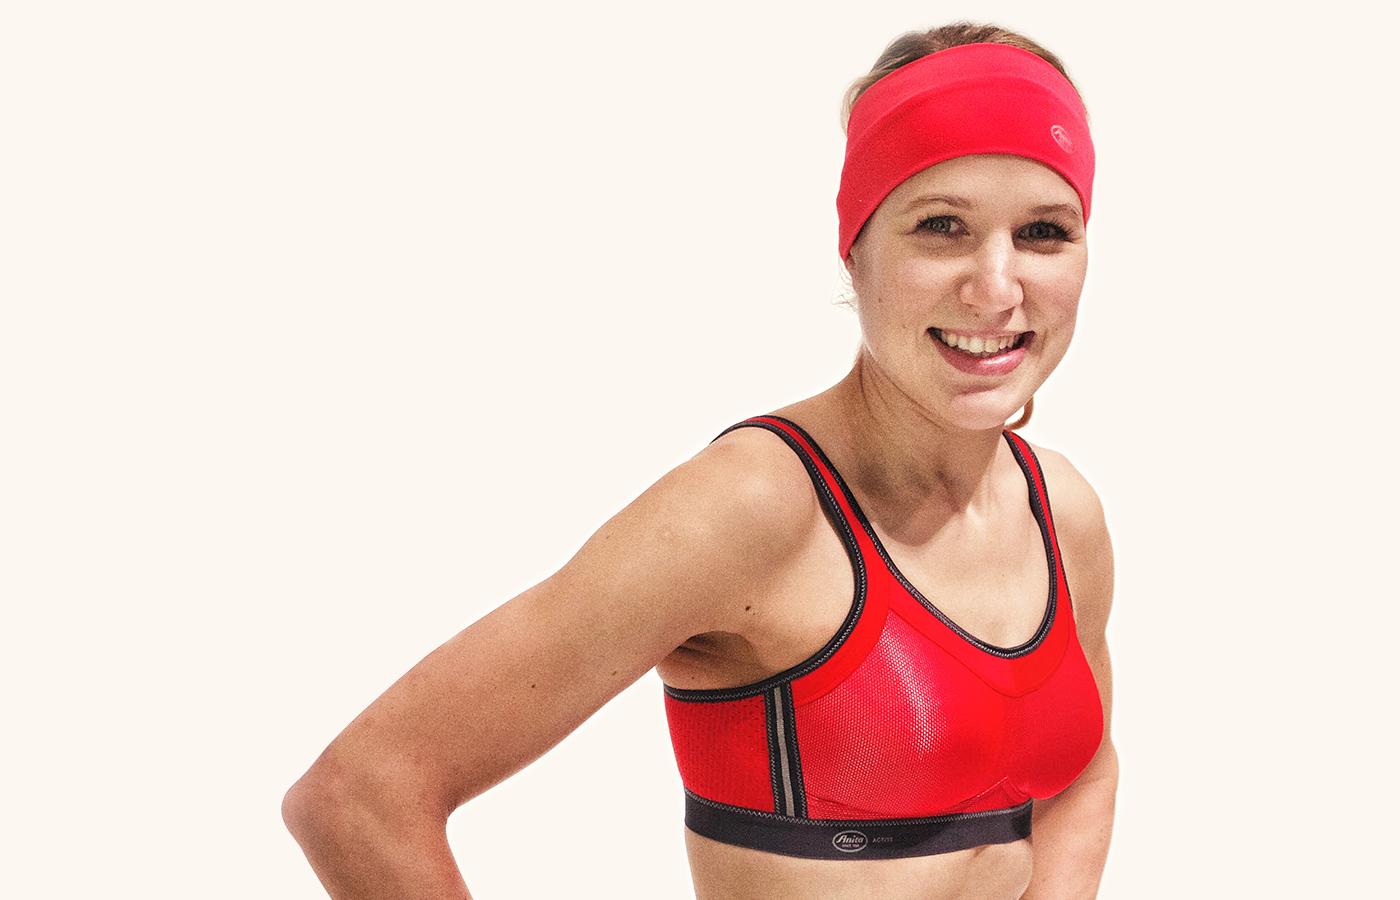 Theresa, zweimalige Ironman-Finisherin trägt den Anita momentum in rot und ein Stirnband von Anita since 1886